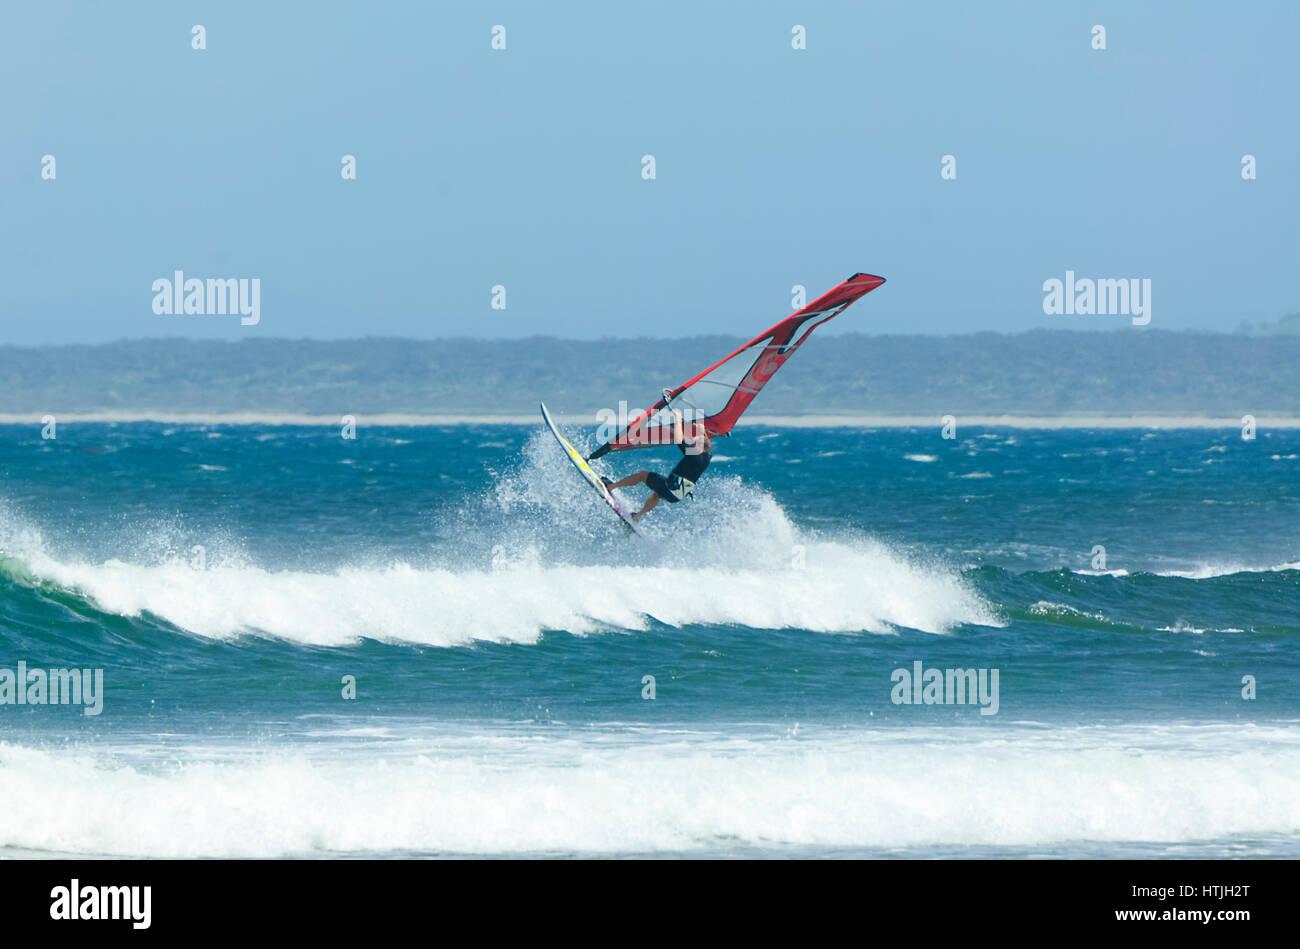 La windsurfista saltar por encima de una ola grande en Seven Mile Beach, Gerroa, Costa Illawarra, Nueva Gales del Sur (NSW, Australia Foto de stock